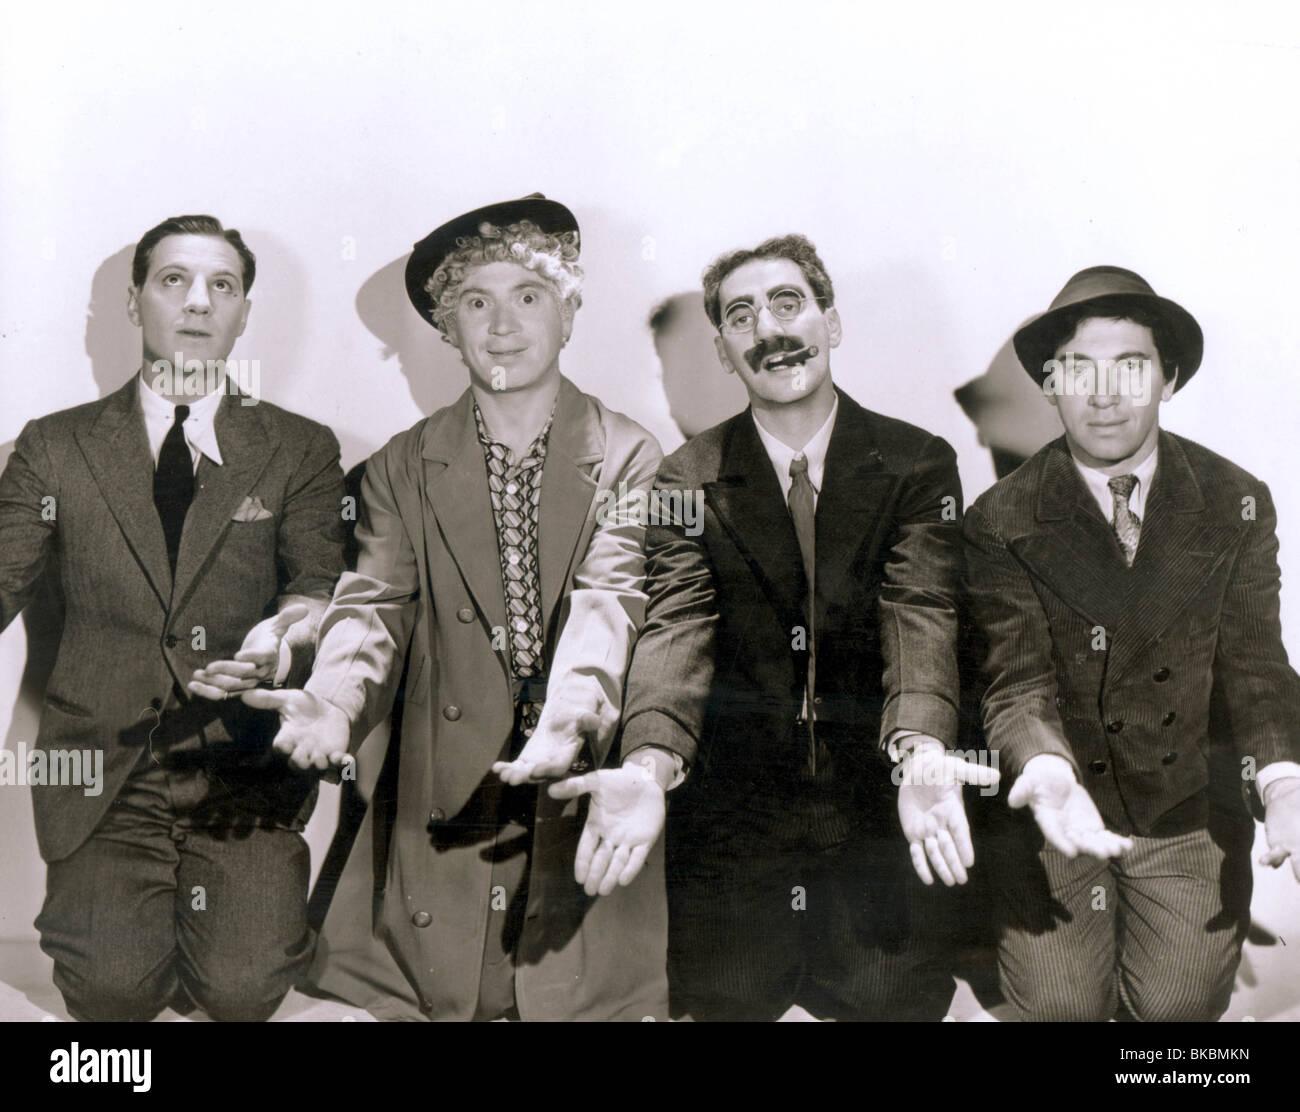 Marx Brothers Portrait Zeppo Marx Harpo Marx Groucho Marx Chico